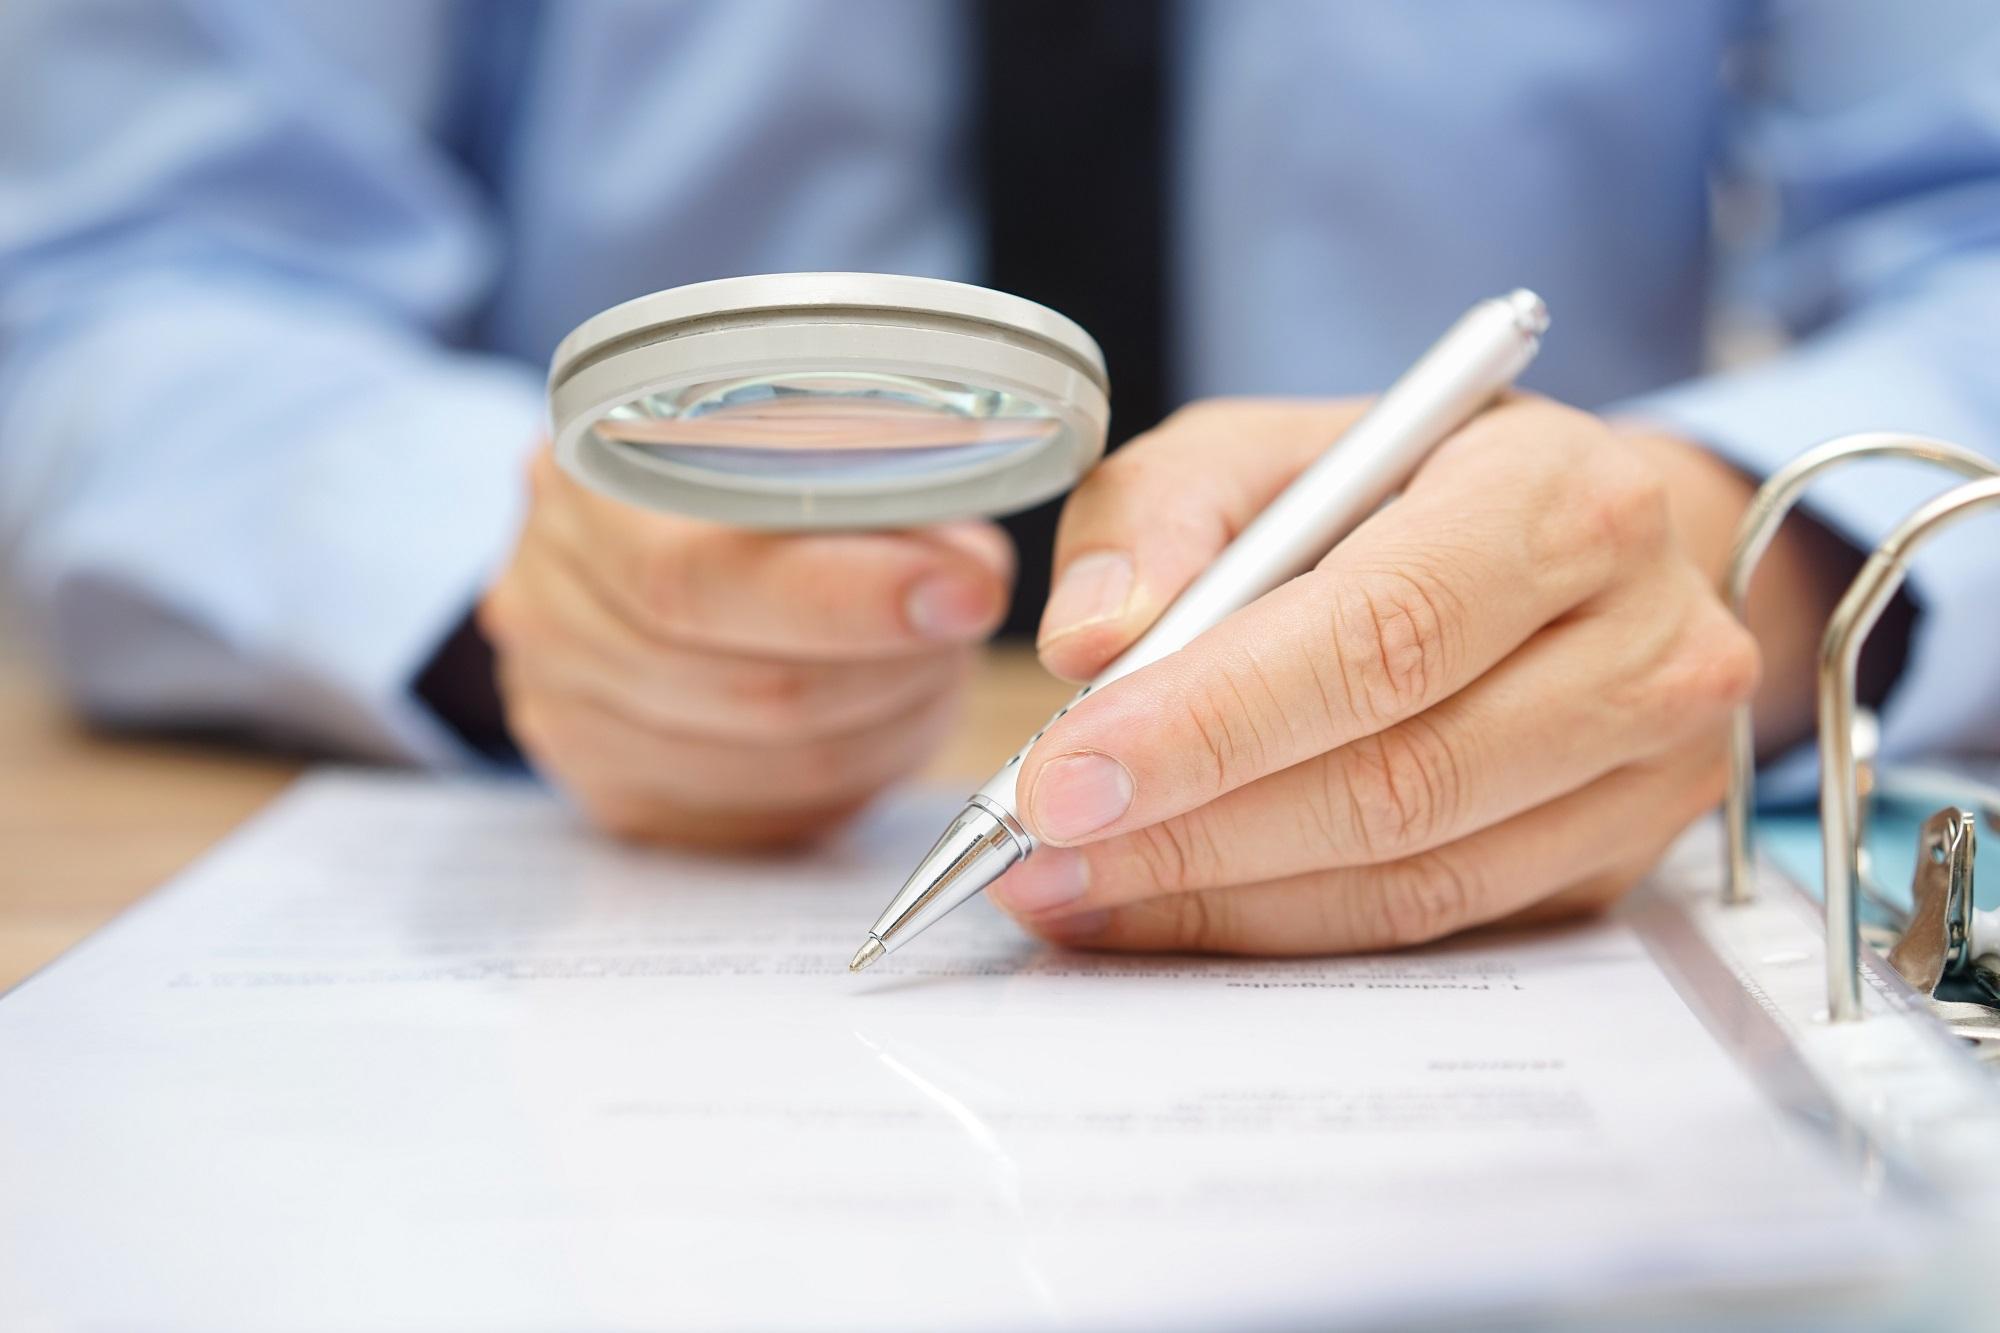 Achat sur plan : quelles précautions prendre avant de signer ?